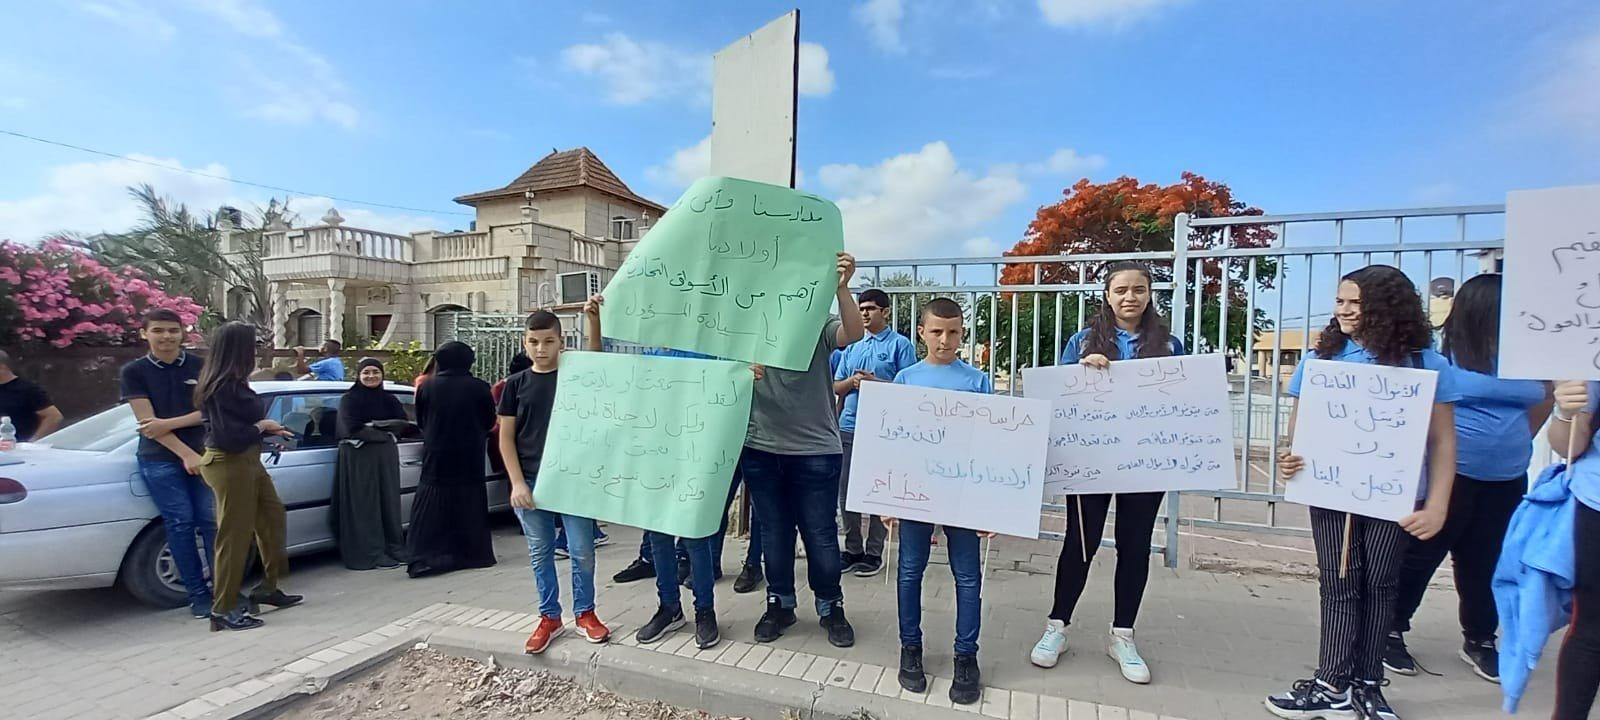 اعتداء على مدرسة في الطيبة والطلاب يتظاهرون-5